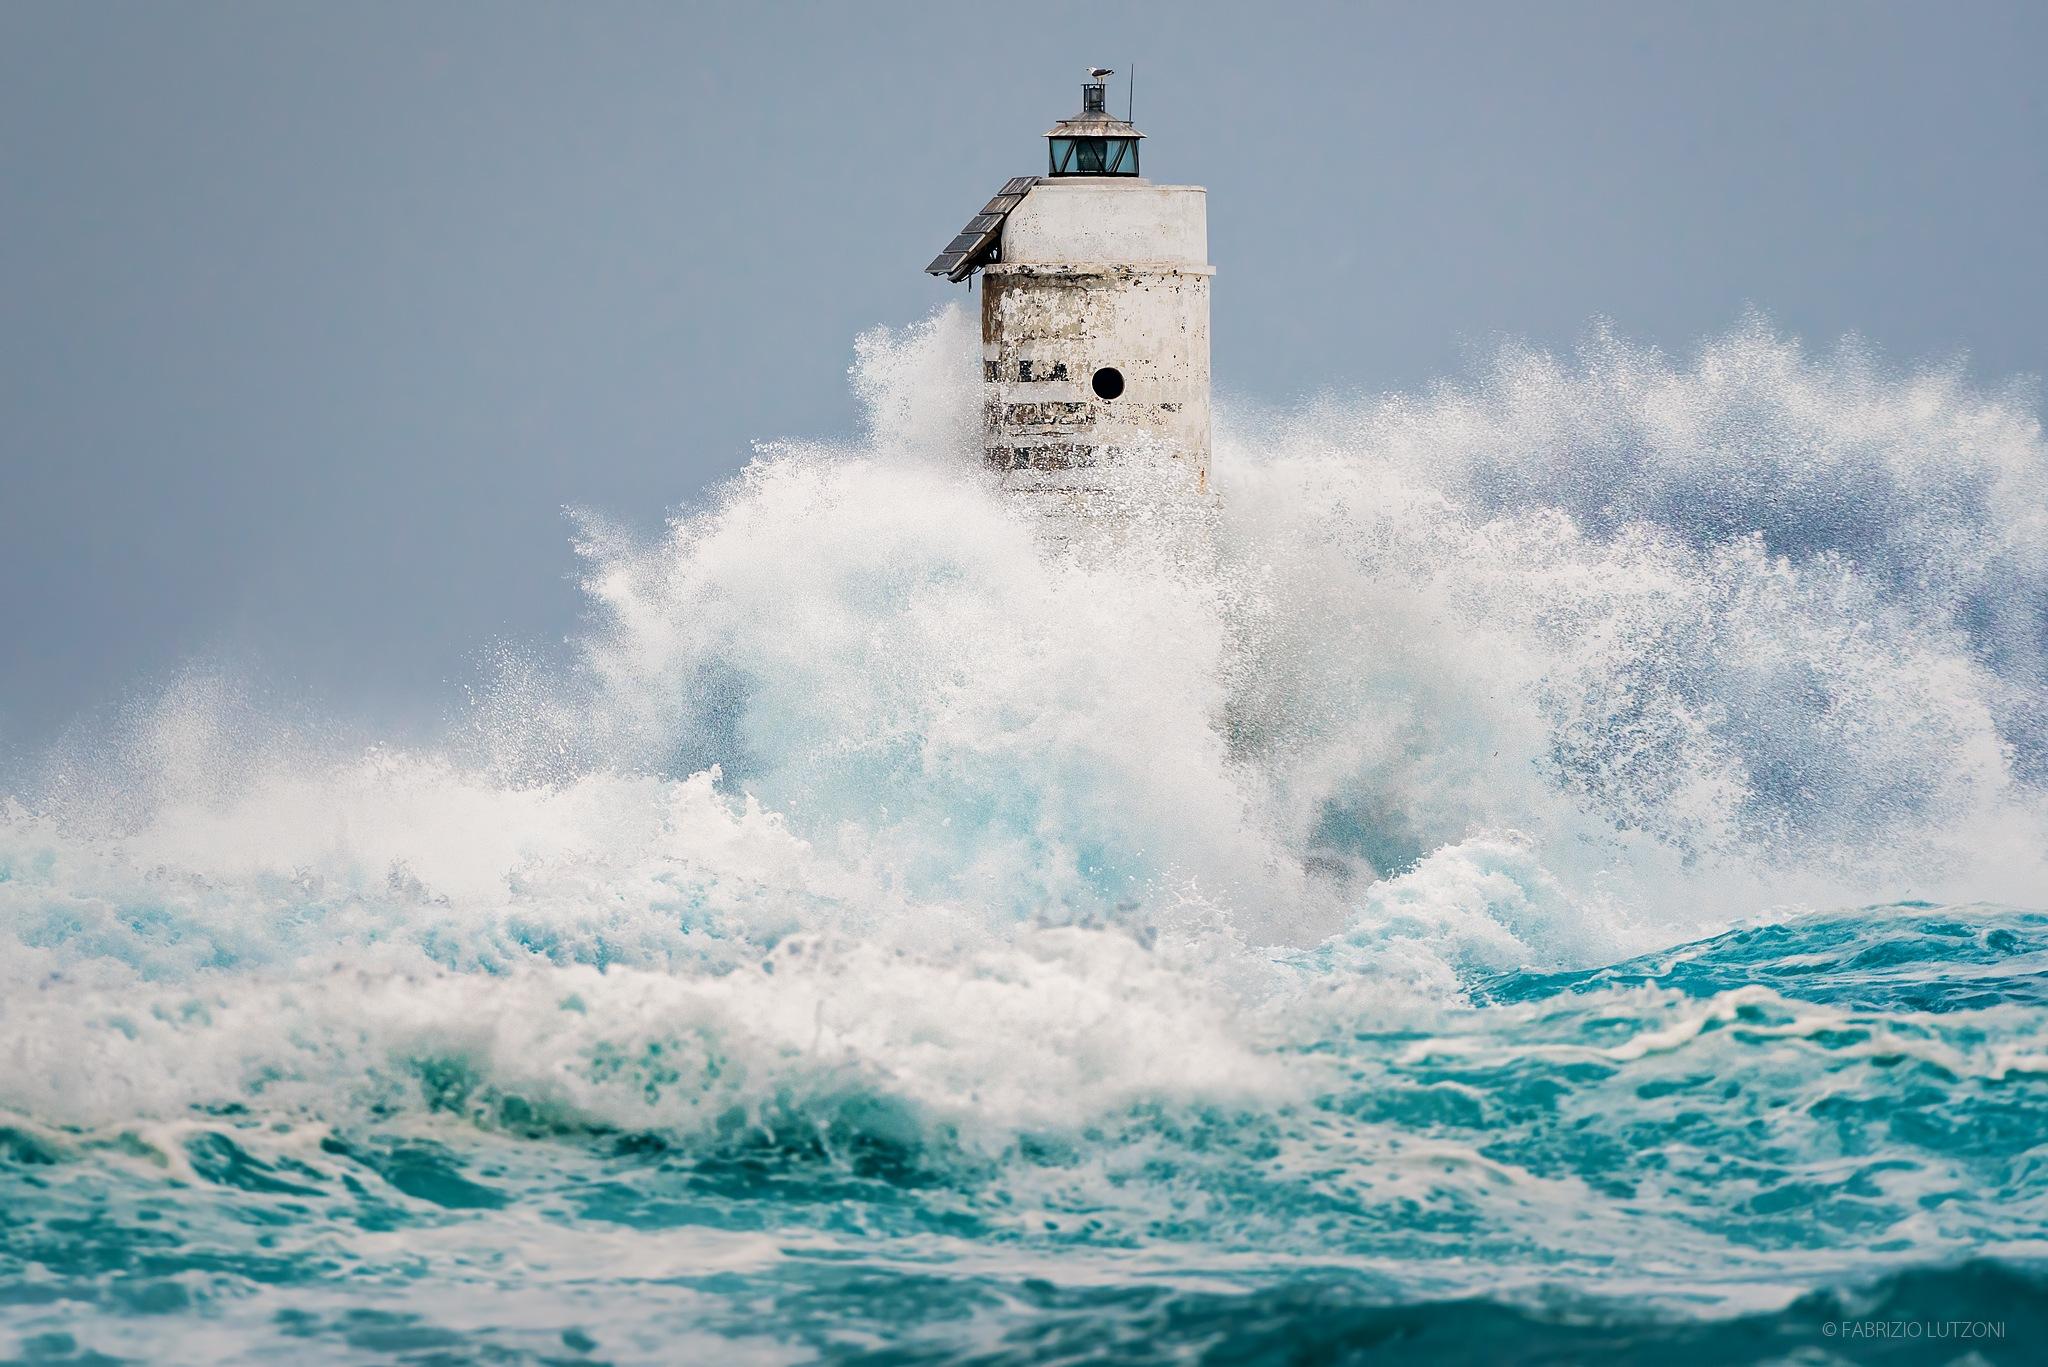 Storm by Fabrizio Lutzoni